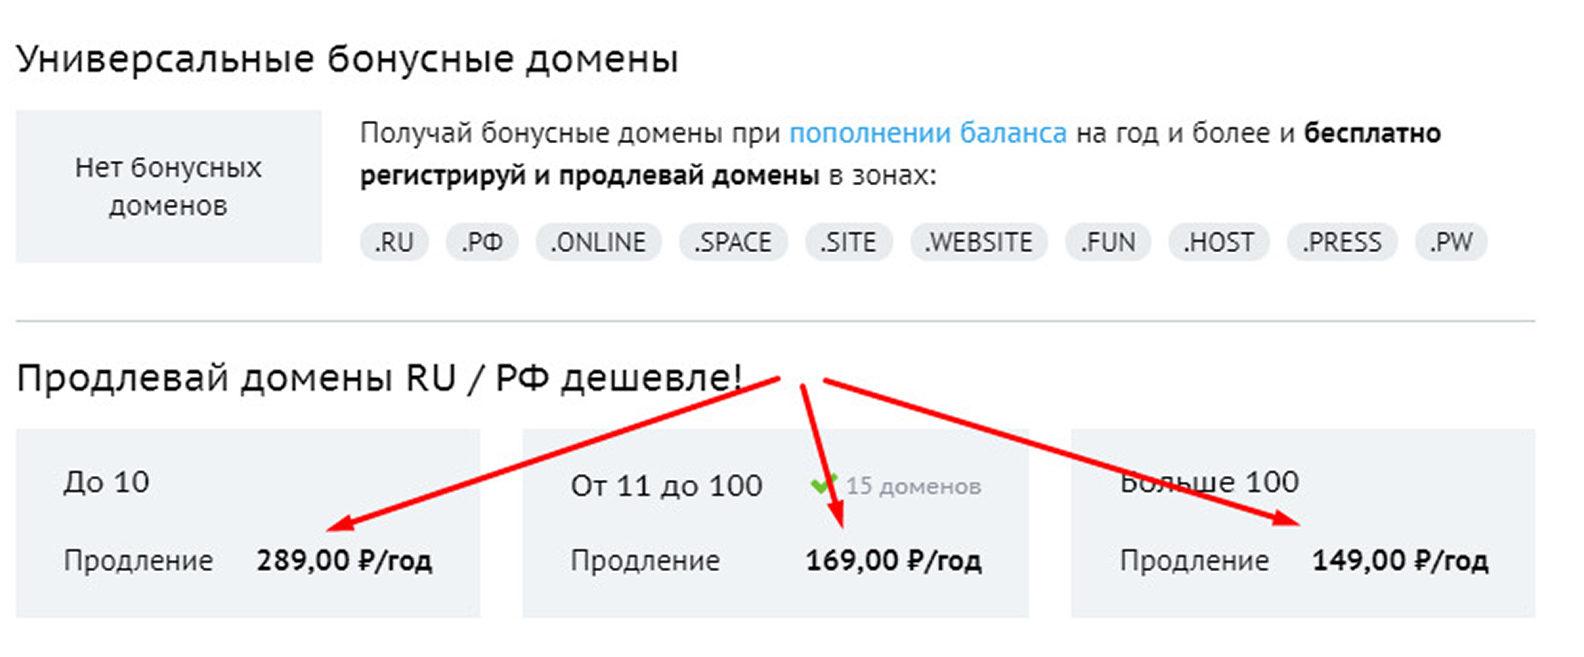 Продление домена на beget.ru